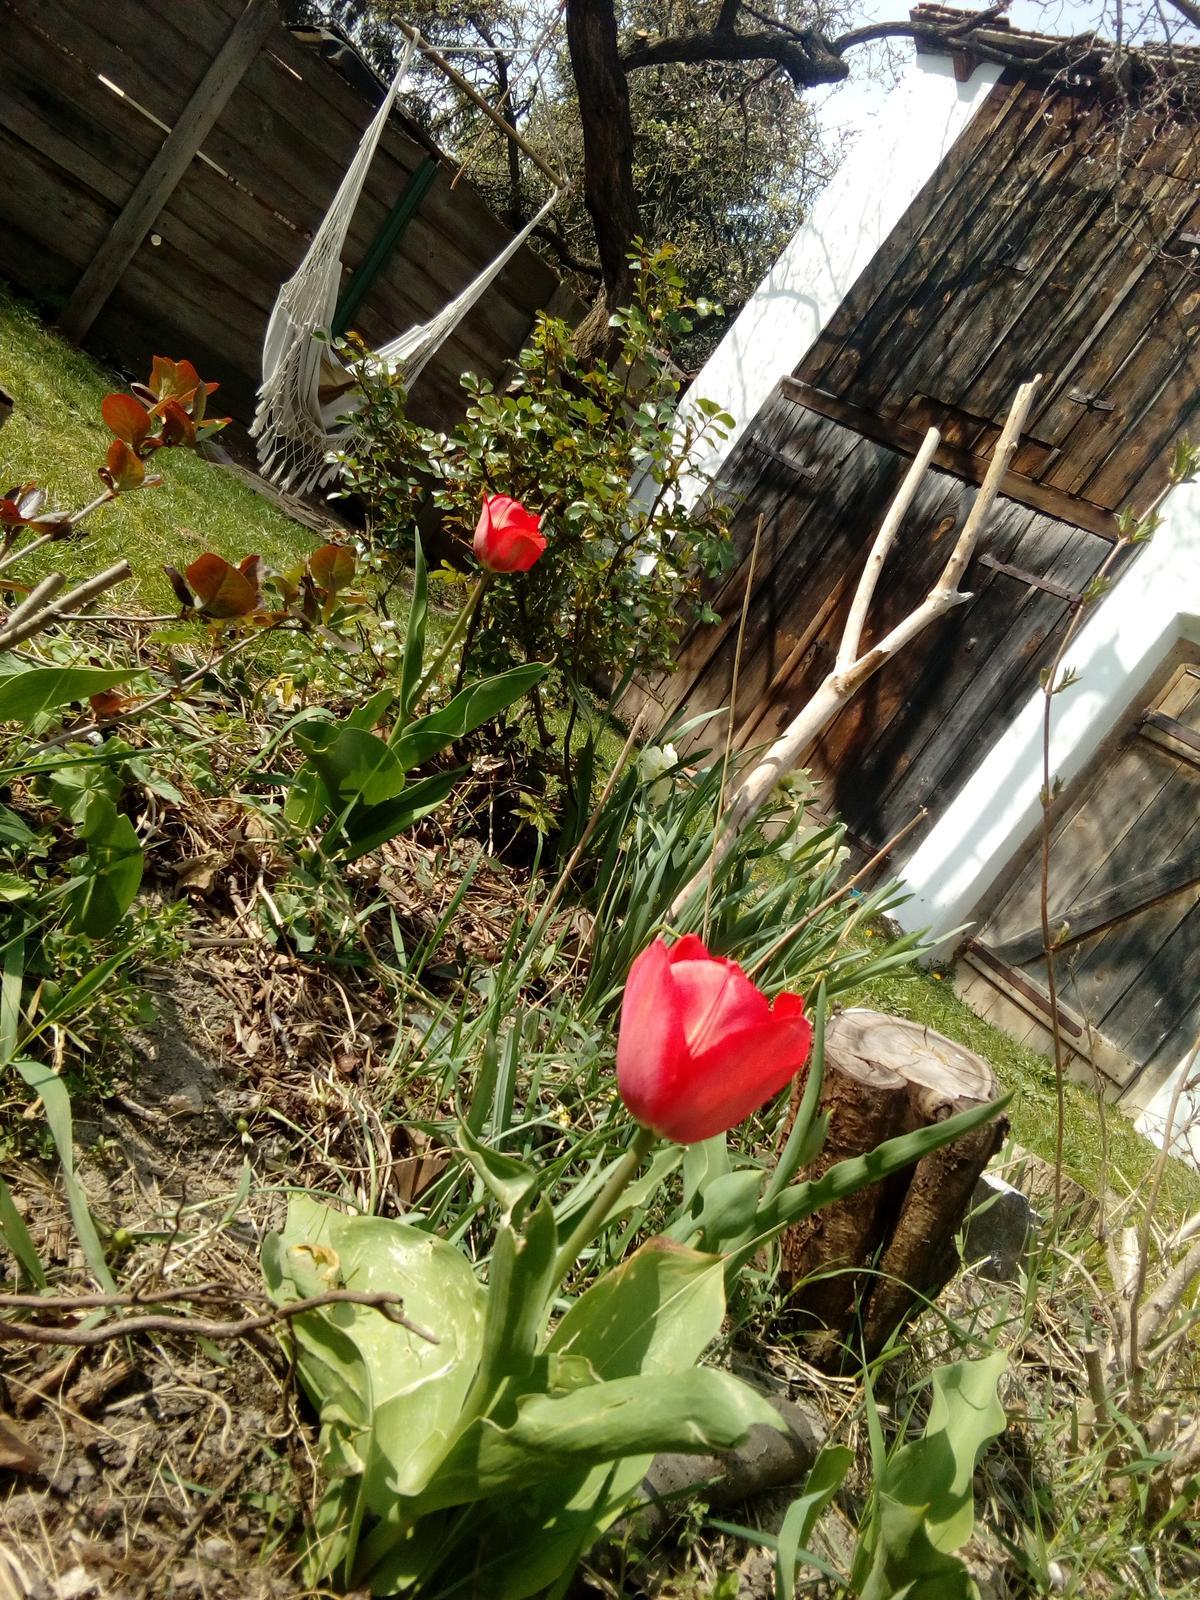 Hradek v roku 2019+2020 - Ja som vám veľký pán, červený som tulipán